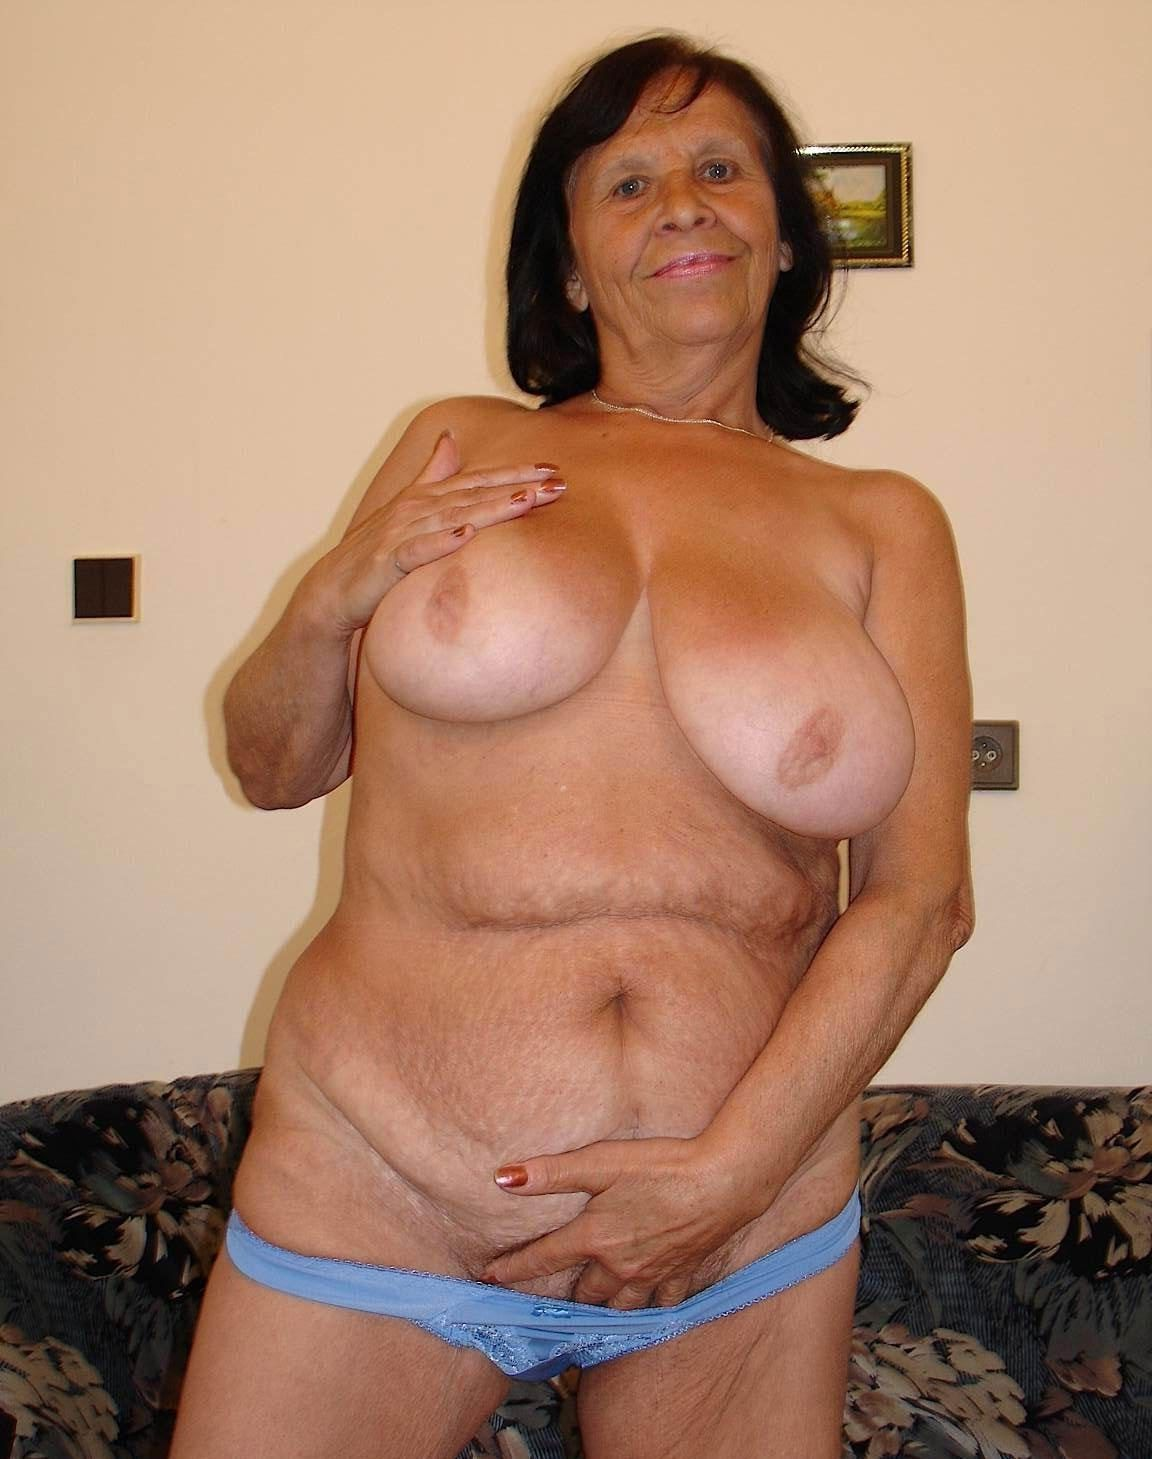 retro hairy nude thumbnails